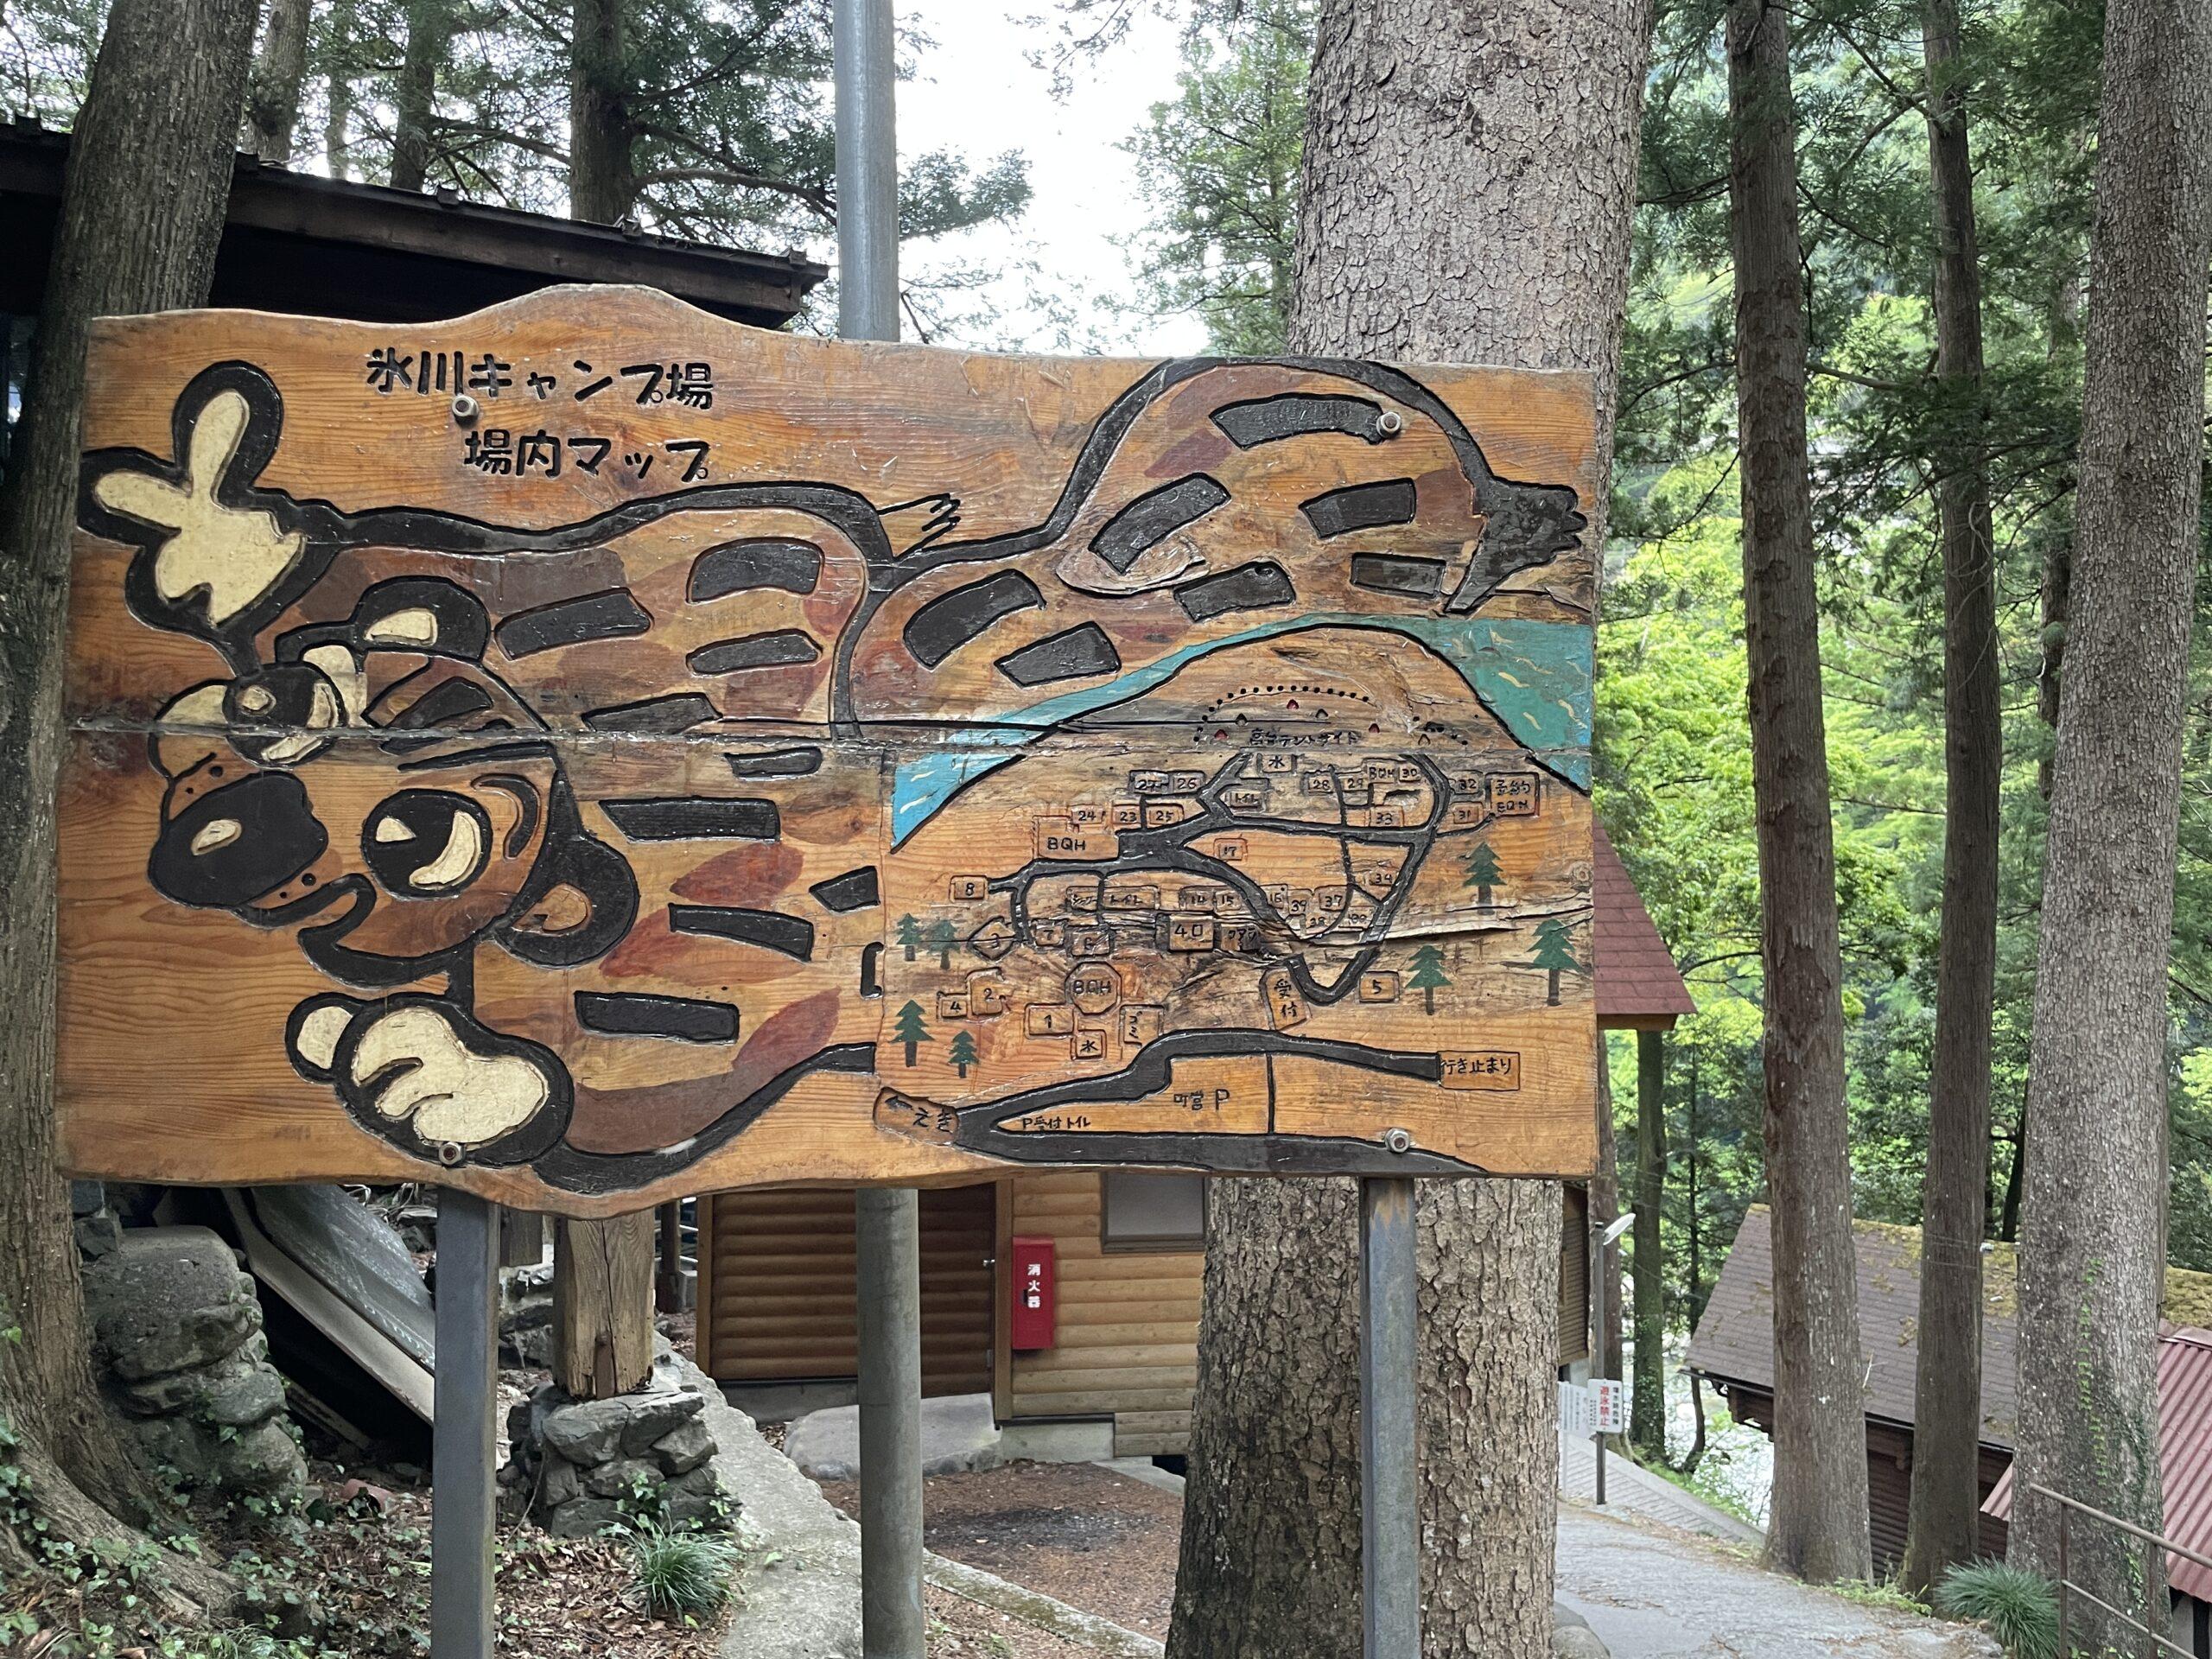 氷川キャンプ場 (13)